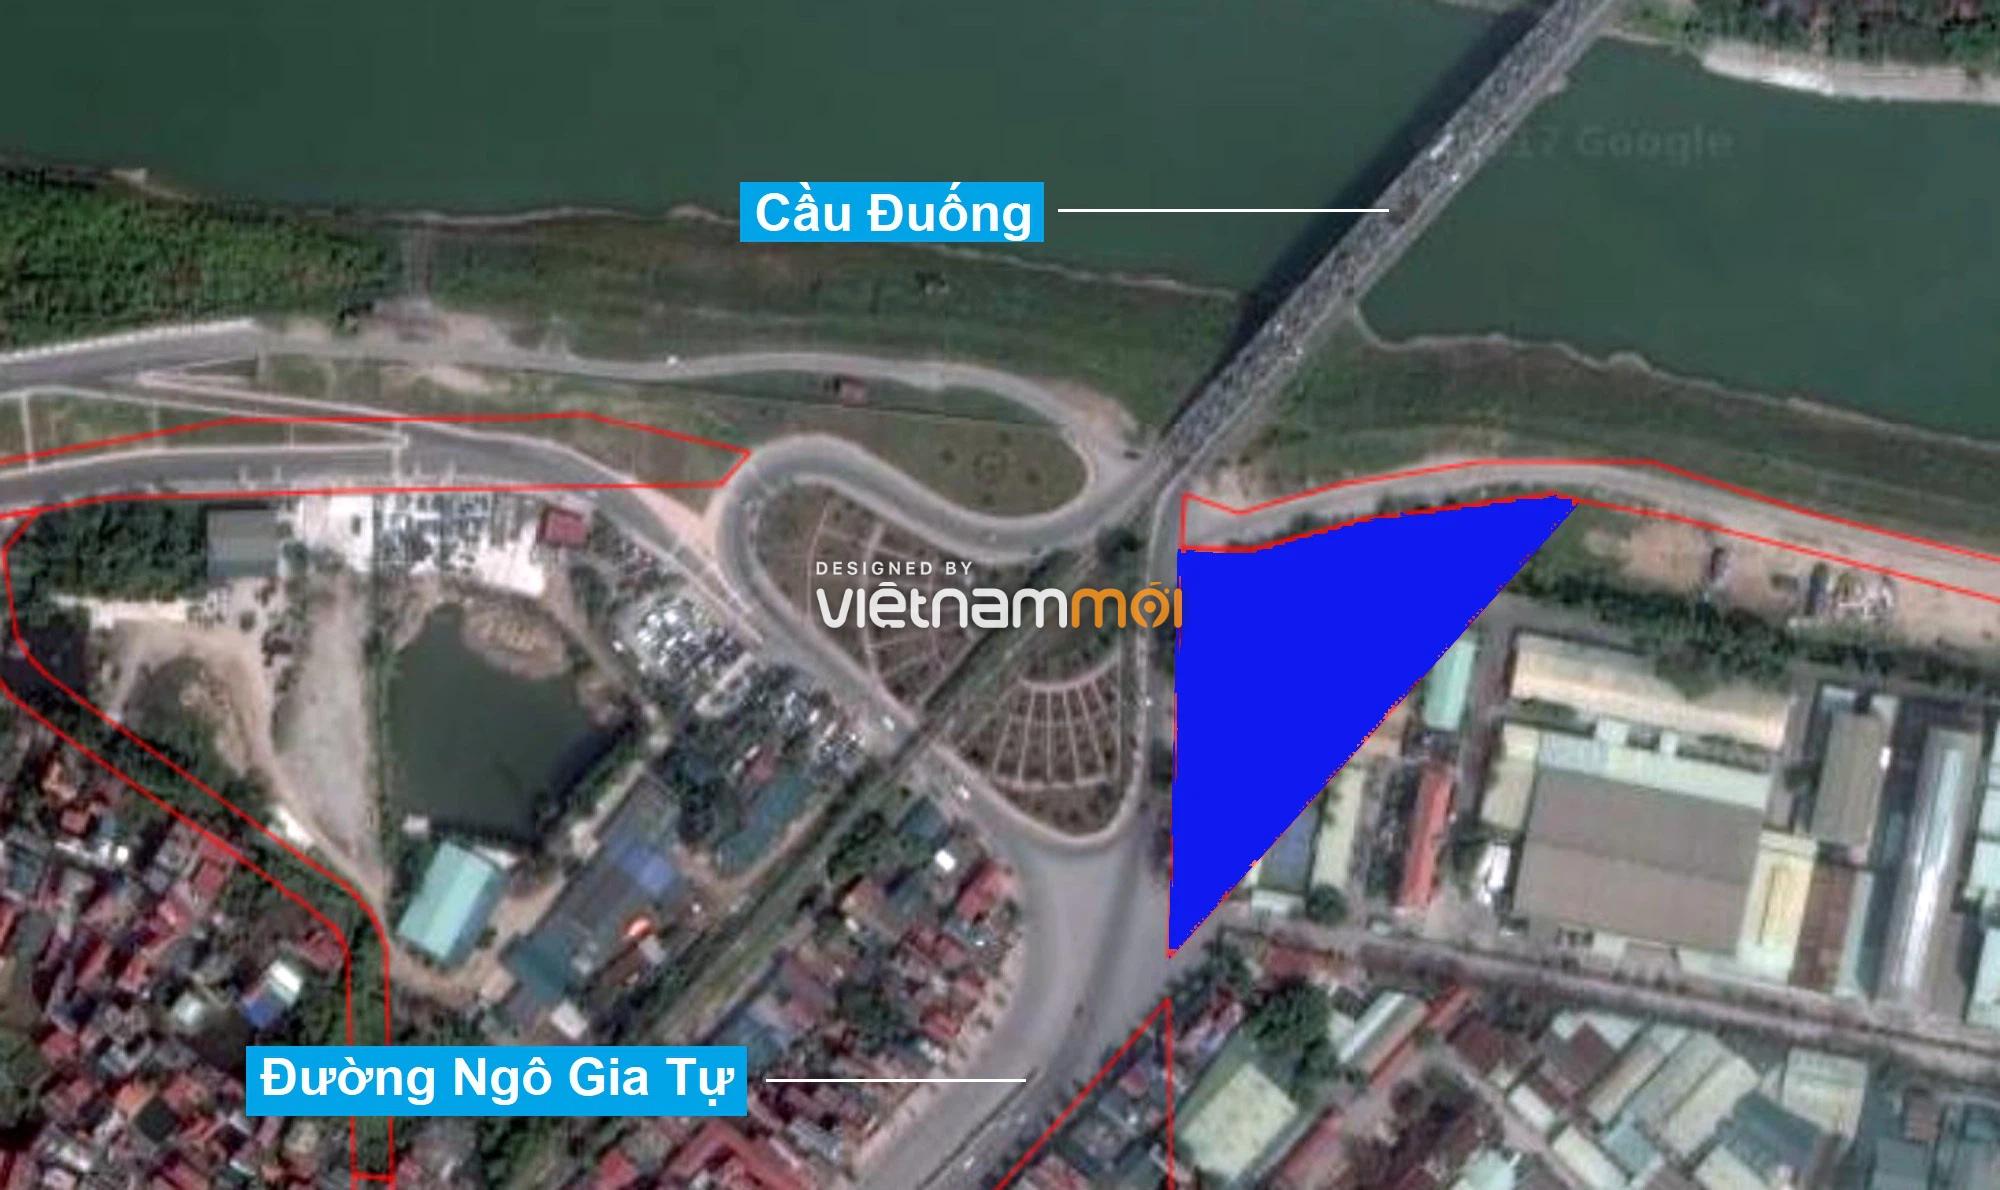 Những khu đất sắp thu hồi để mở đường ở phường Đức Giang, Long Biên, Hà Nội (phần 1) - Ảnh 12.